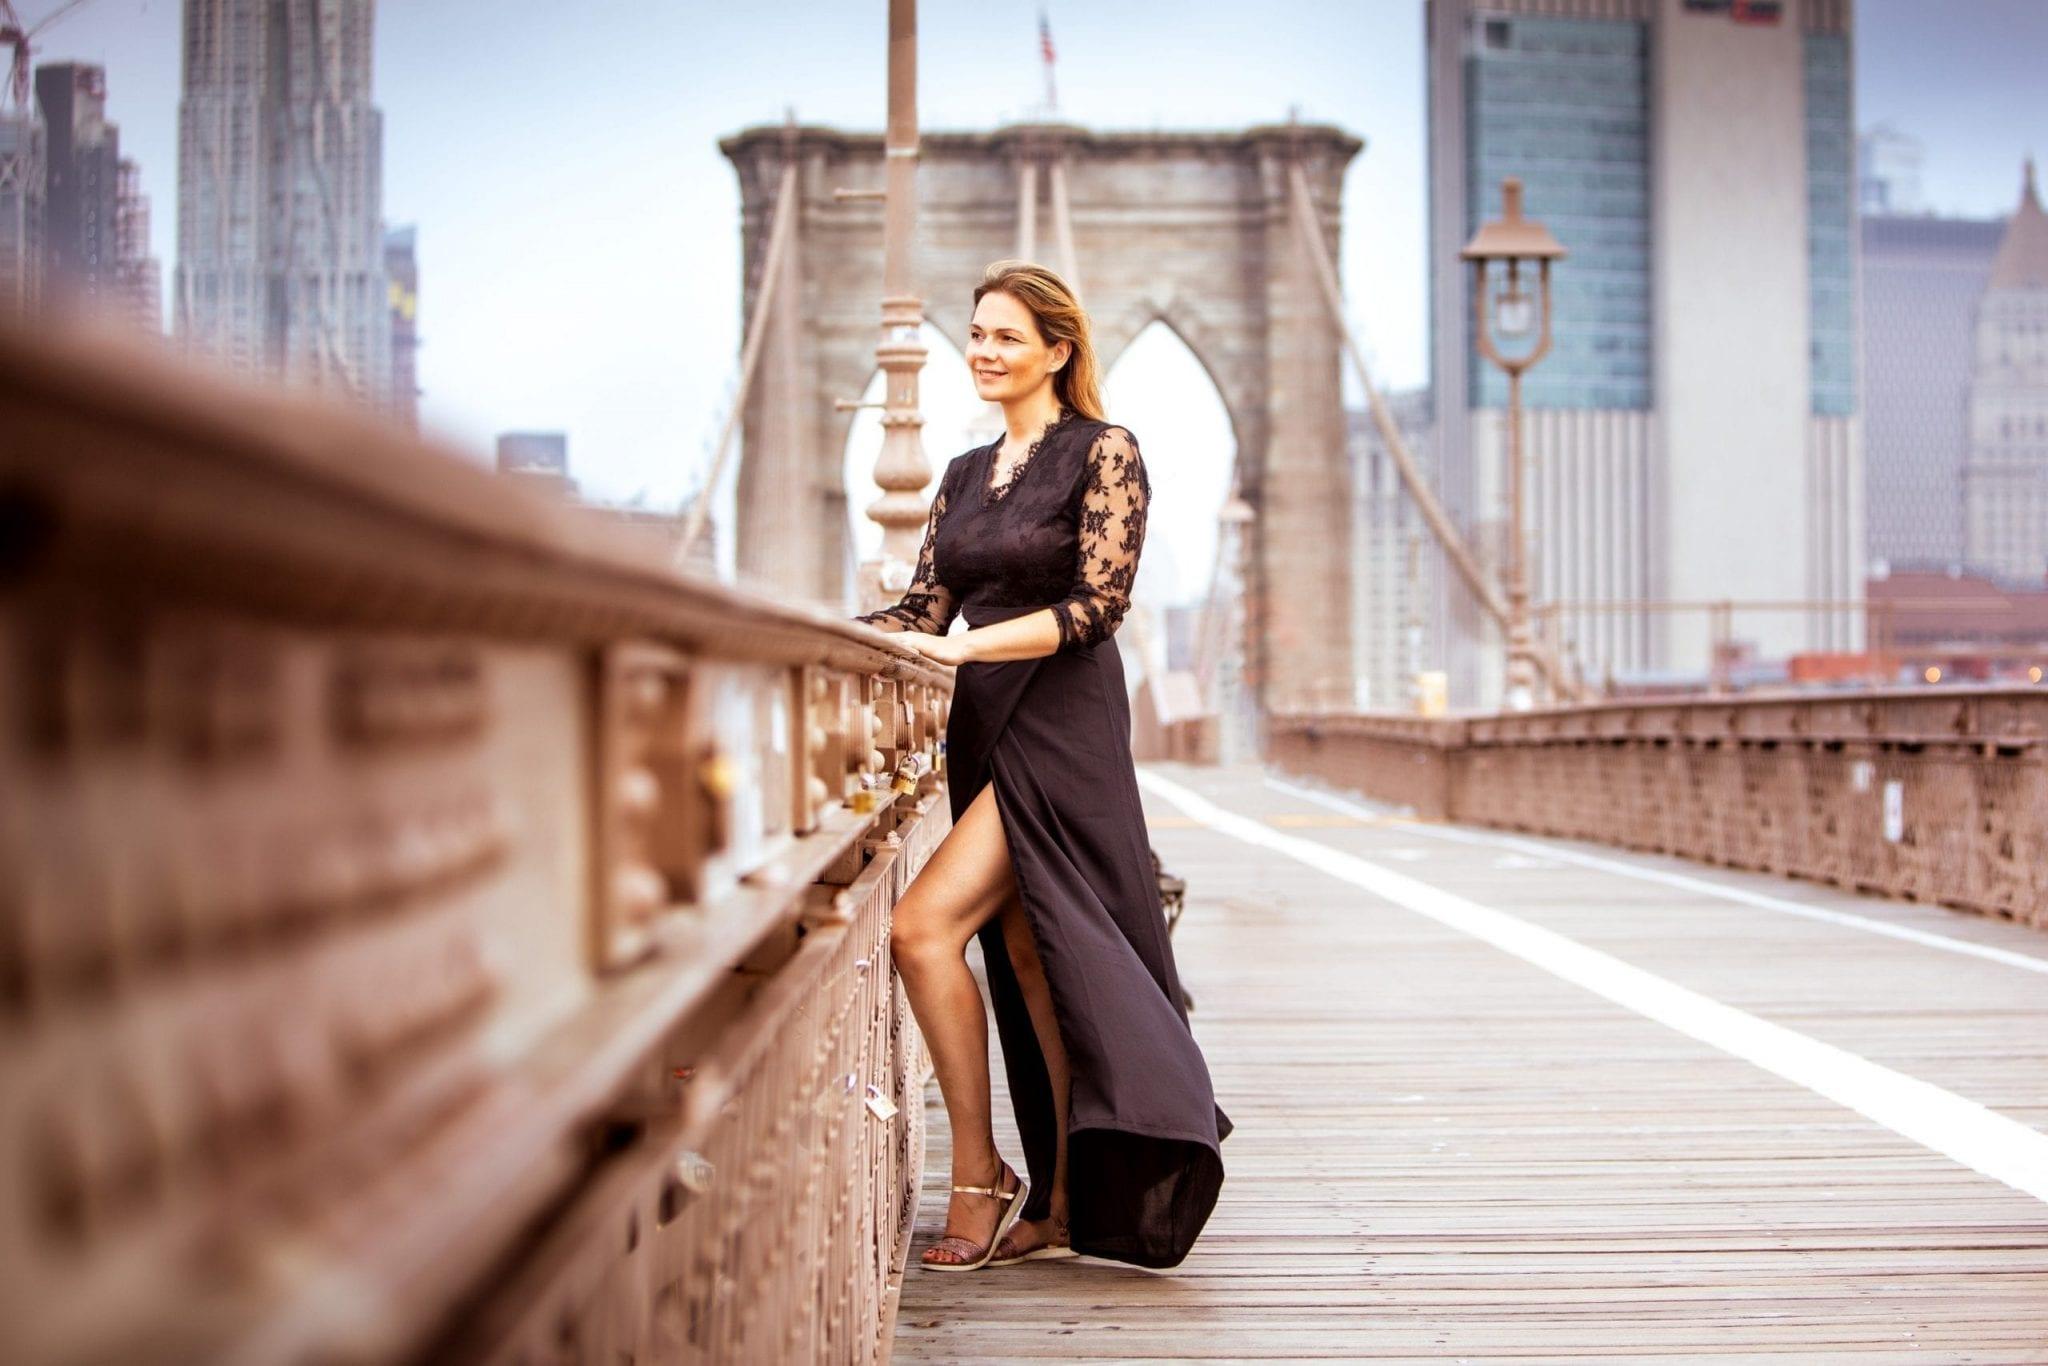 Emeline Delsaut photographe New York, photo et reportage de voyage Studio End proche du Tarn